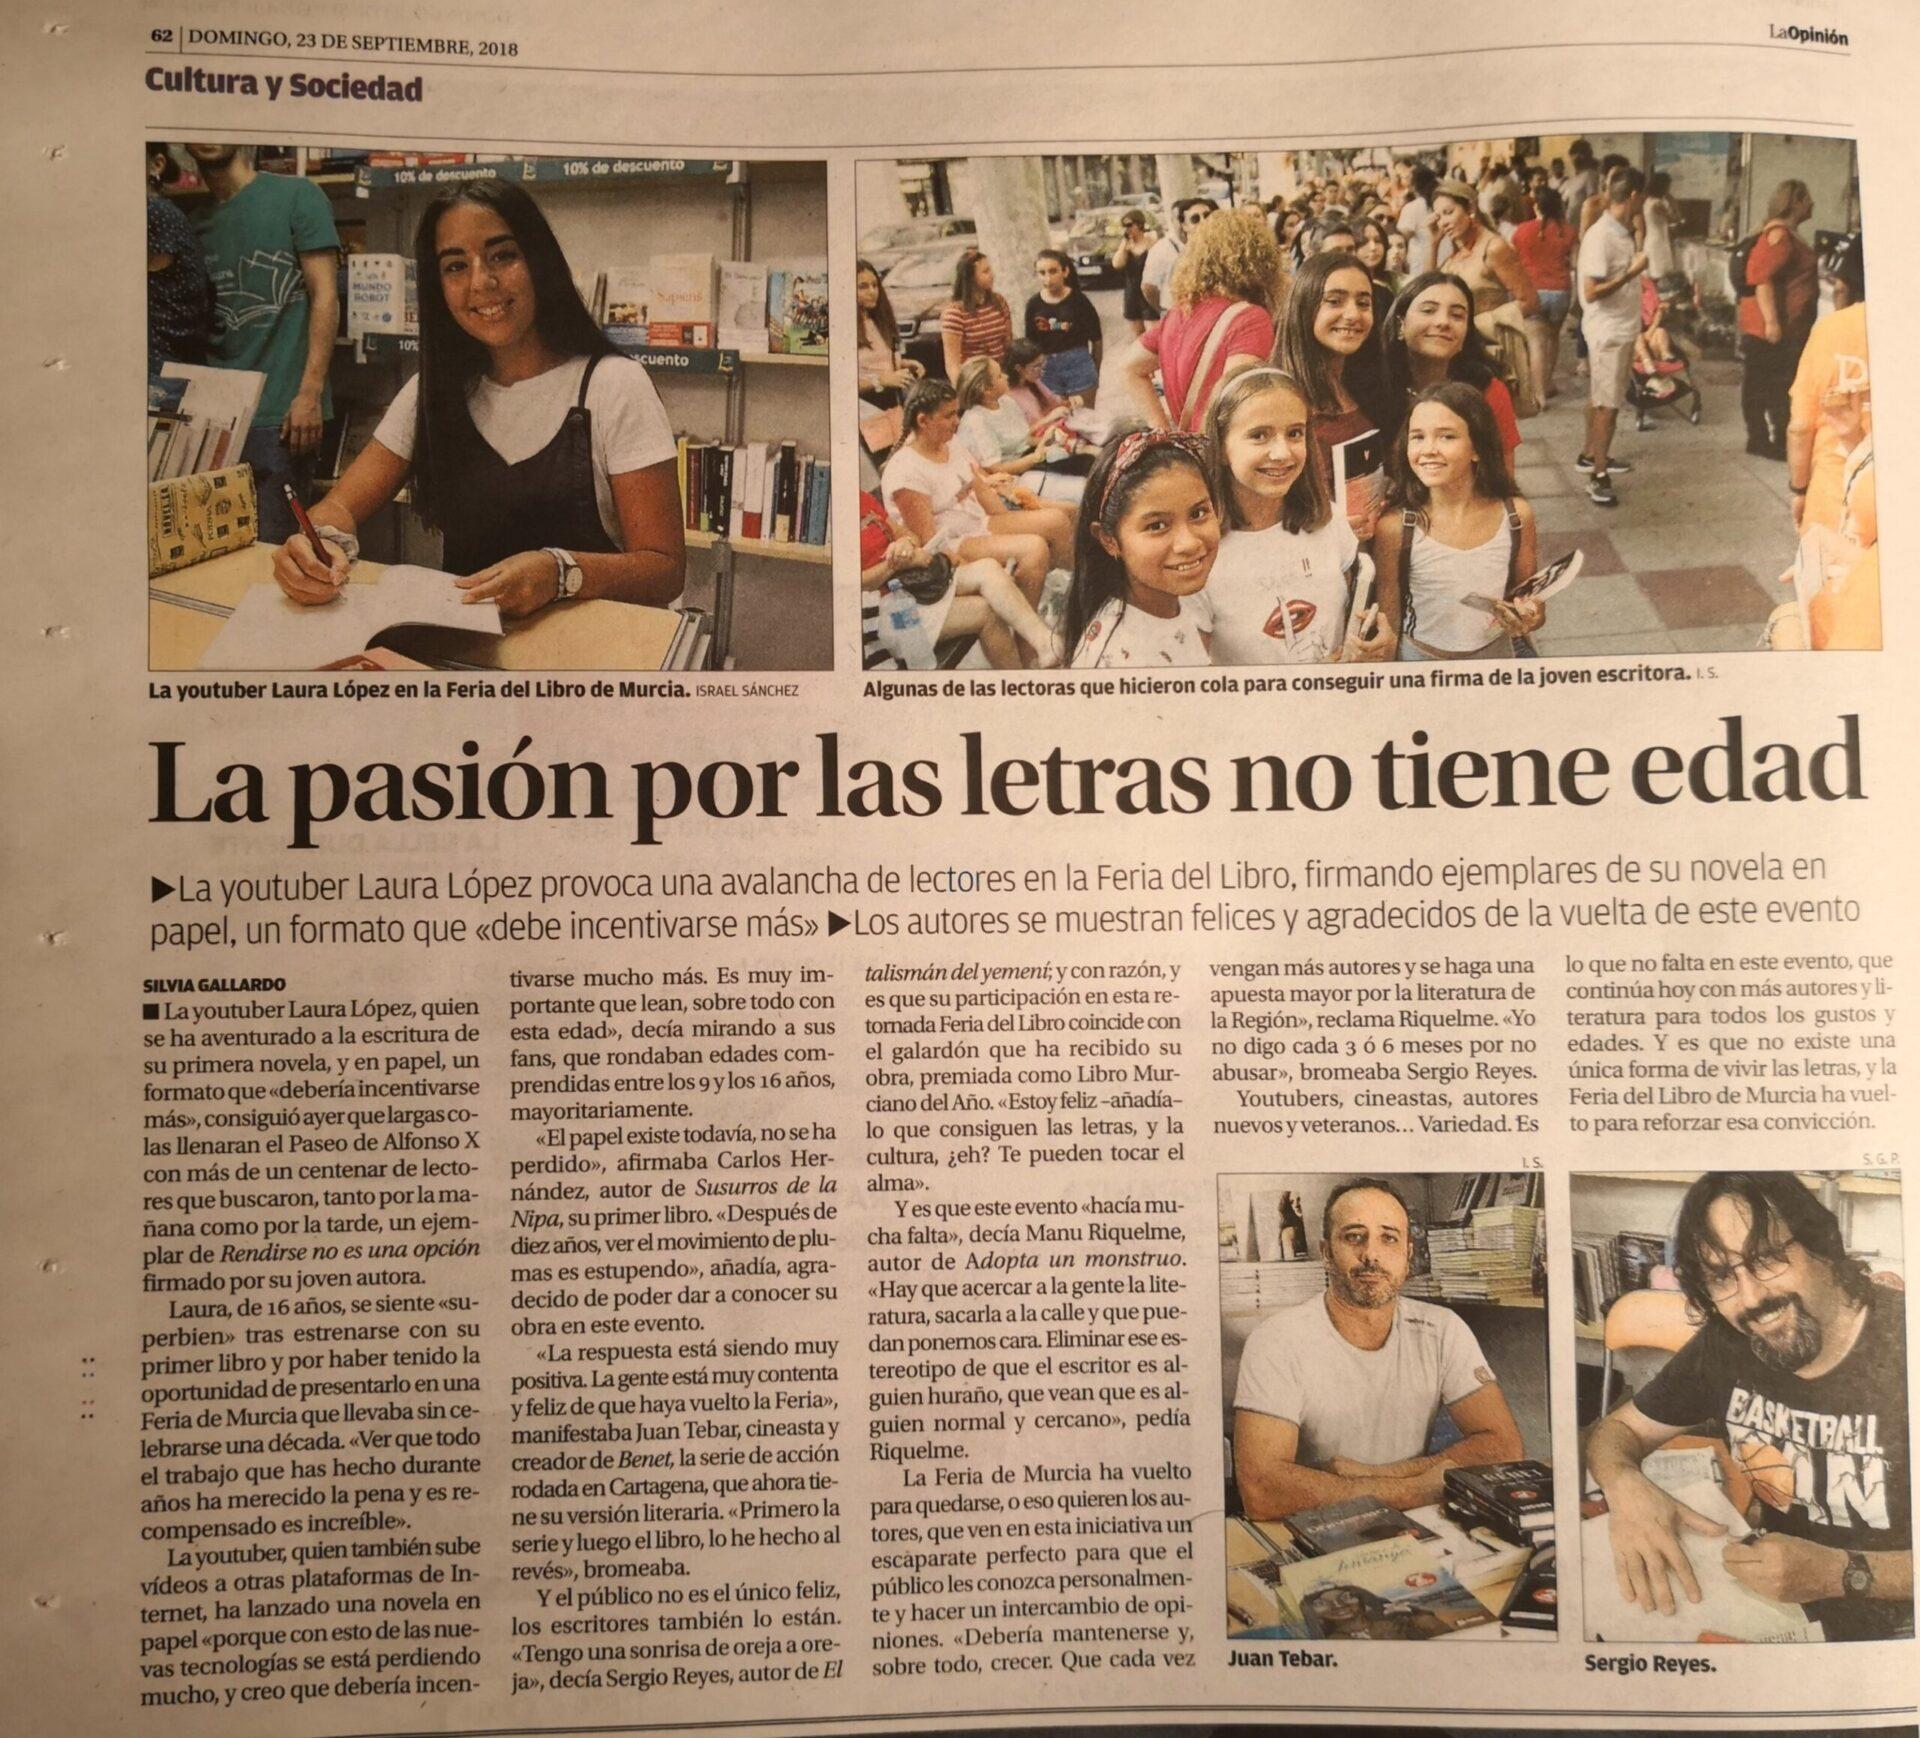 Noticia sobre la feria del libro de Murcia en la que aparece el escritor murciano Sergio Reyes Puerta (Dossier de prensa 2018)